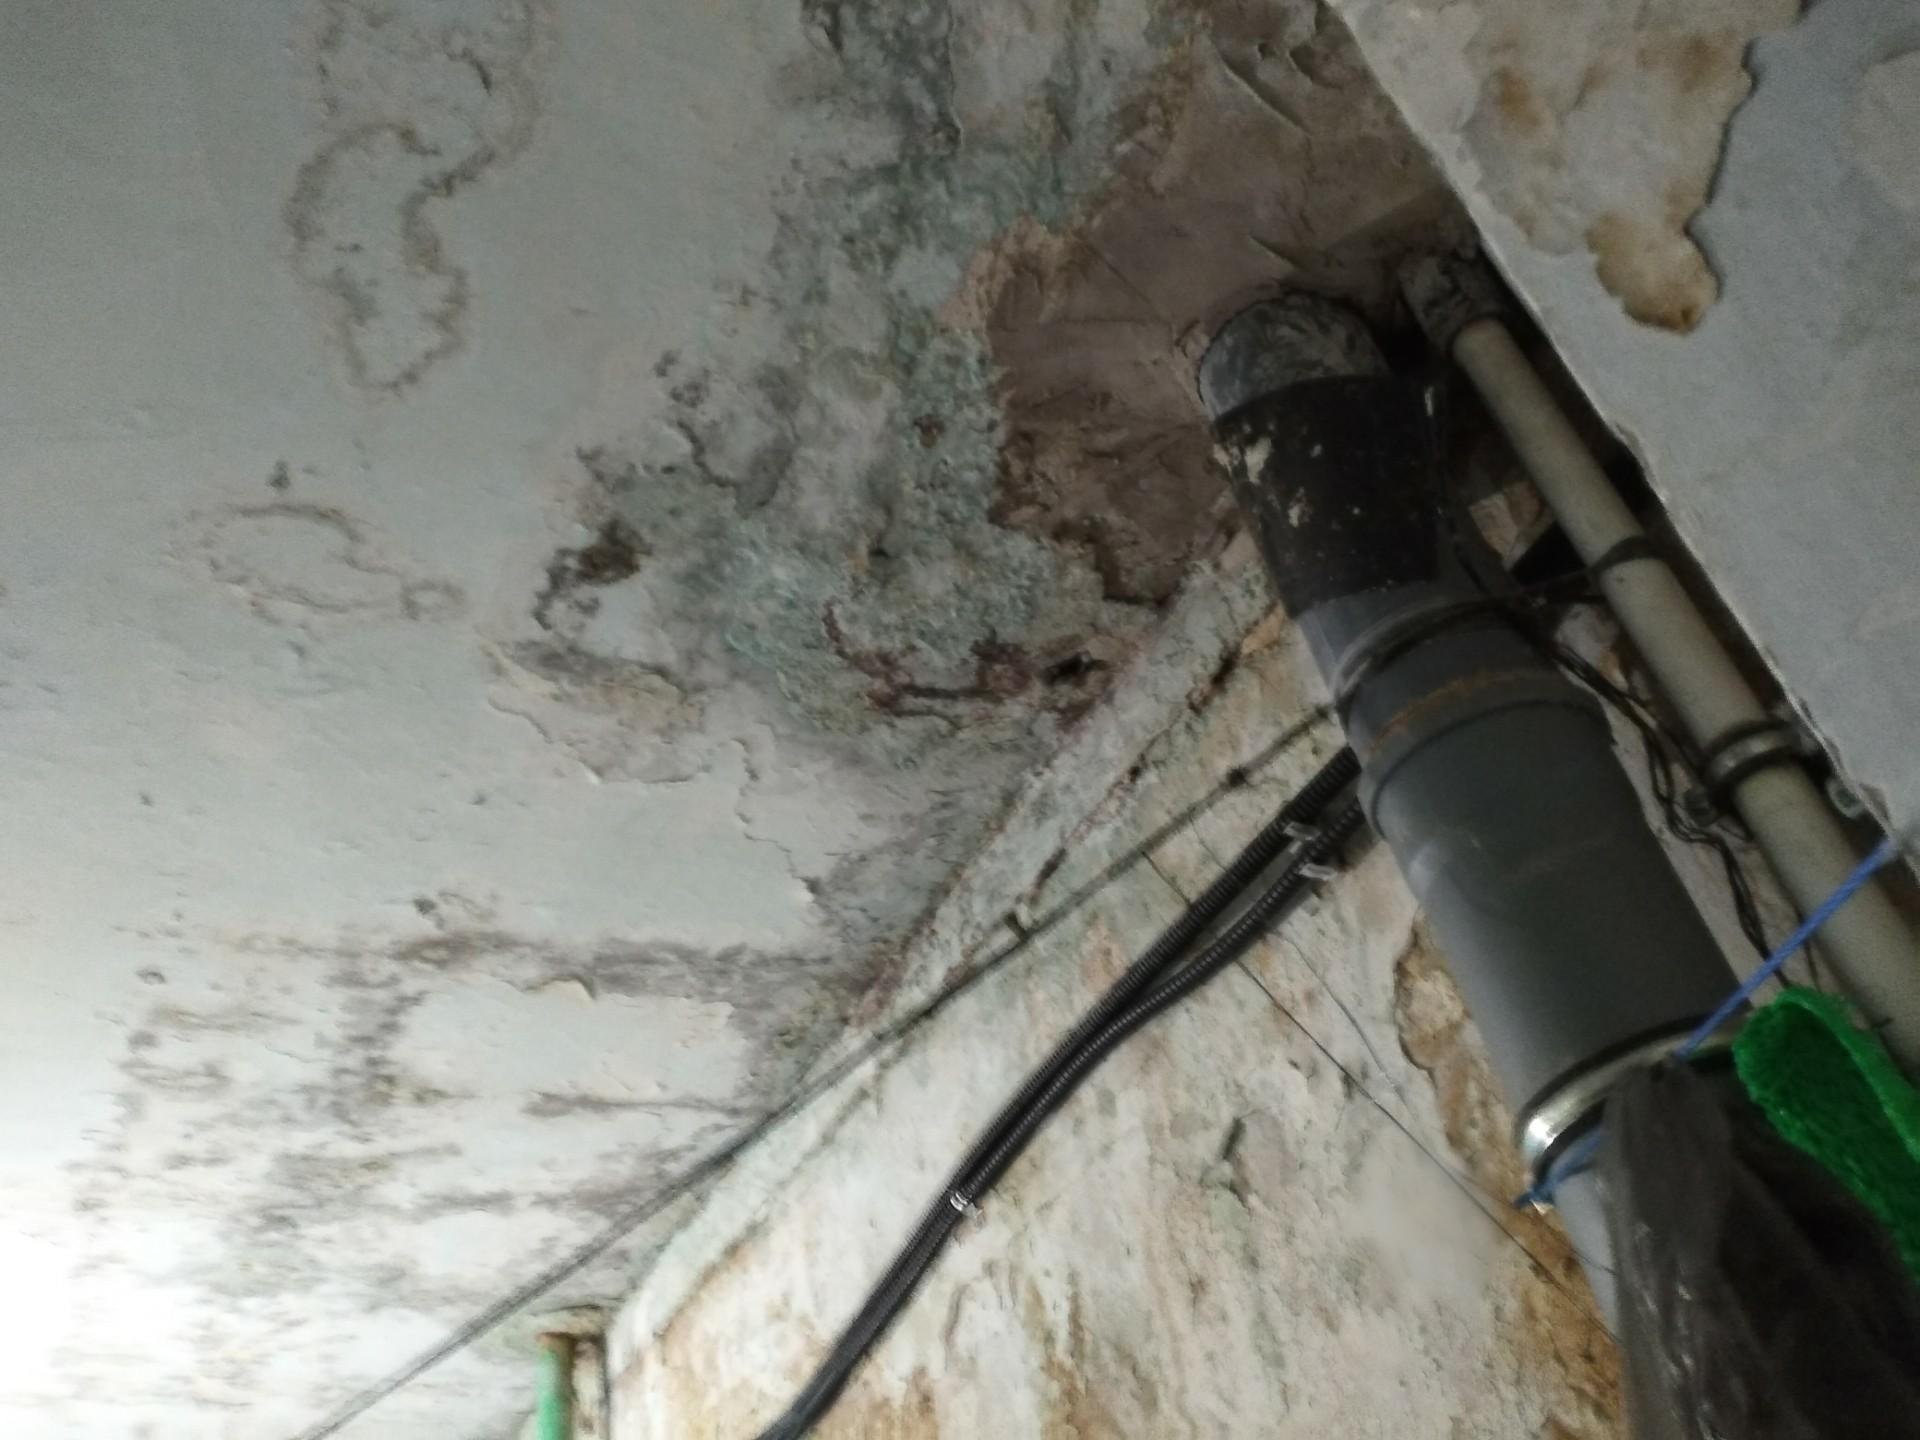 «Прорехи на кровле и протекающие трубы»: Жители Башкирии жалуются на аварийный дом